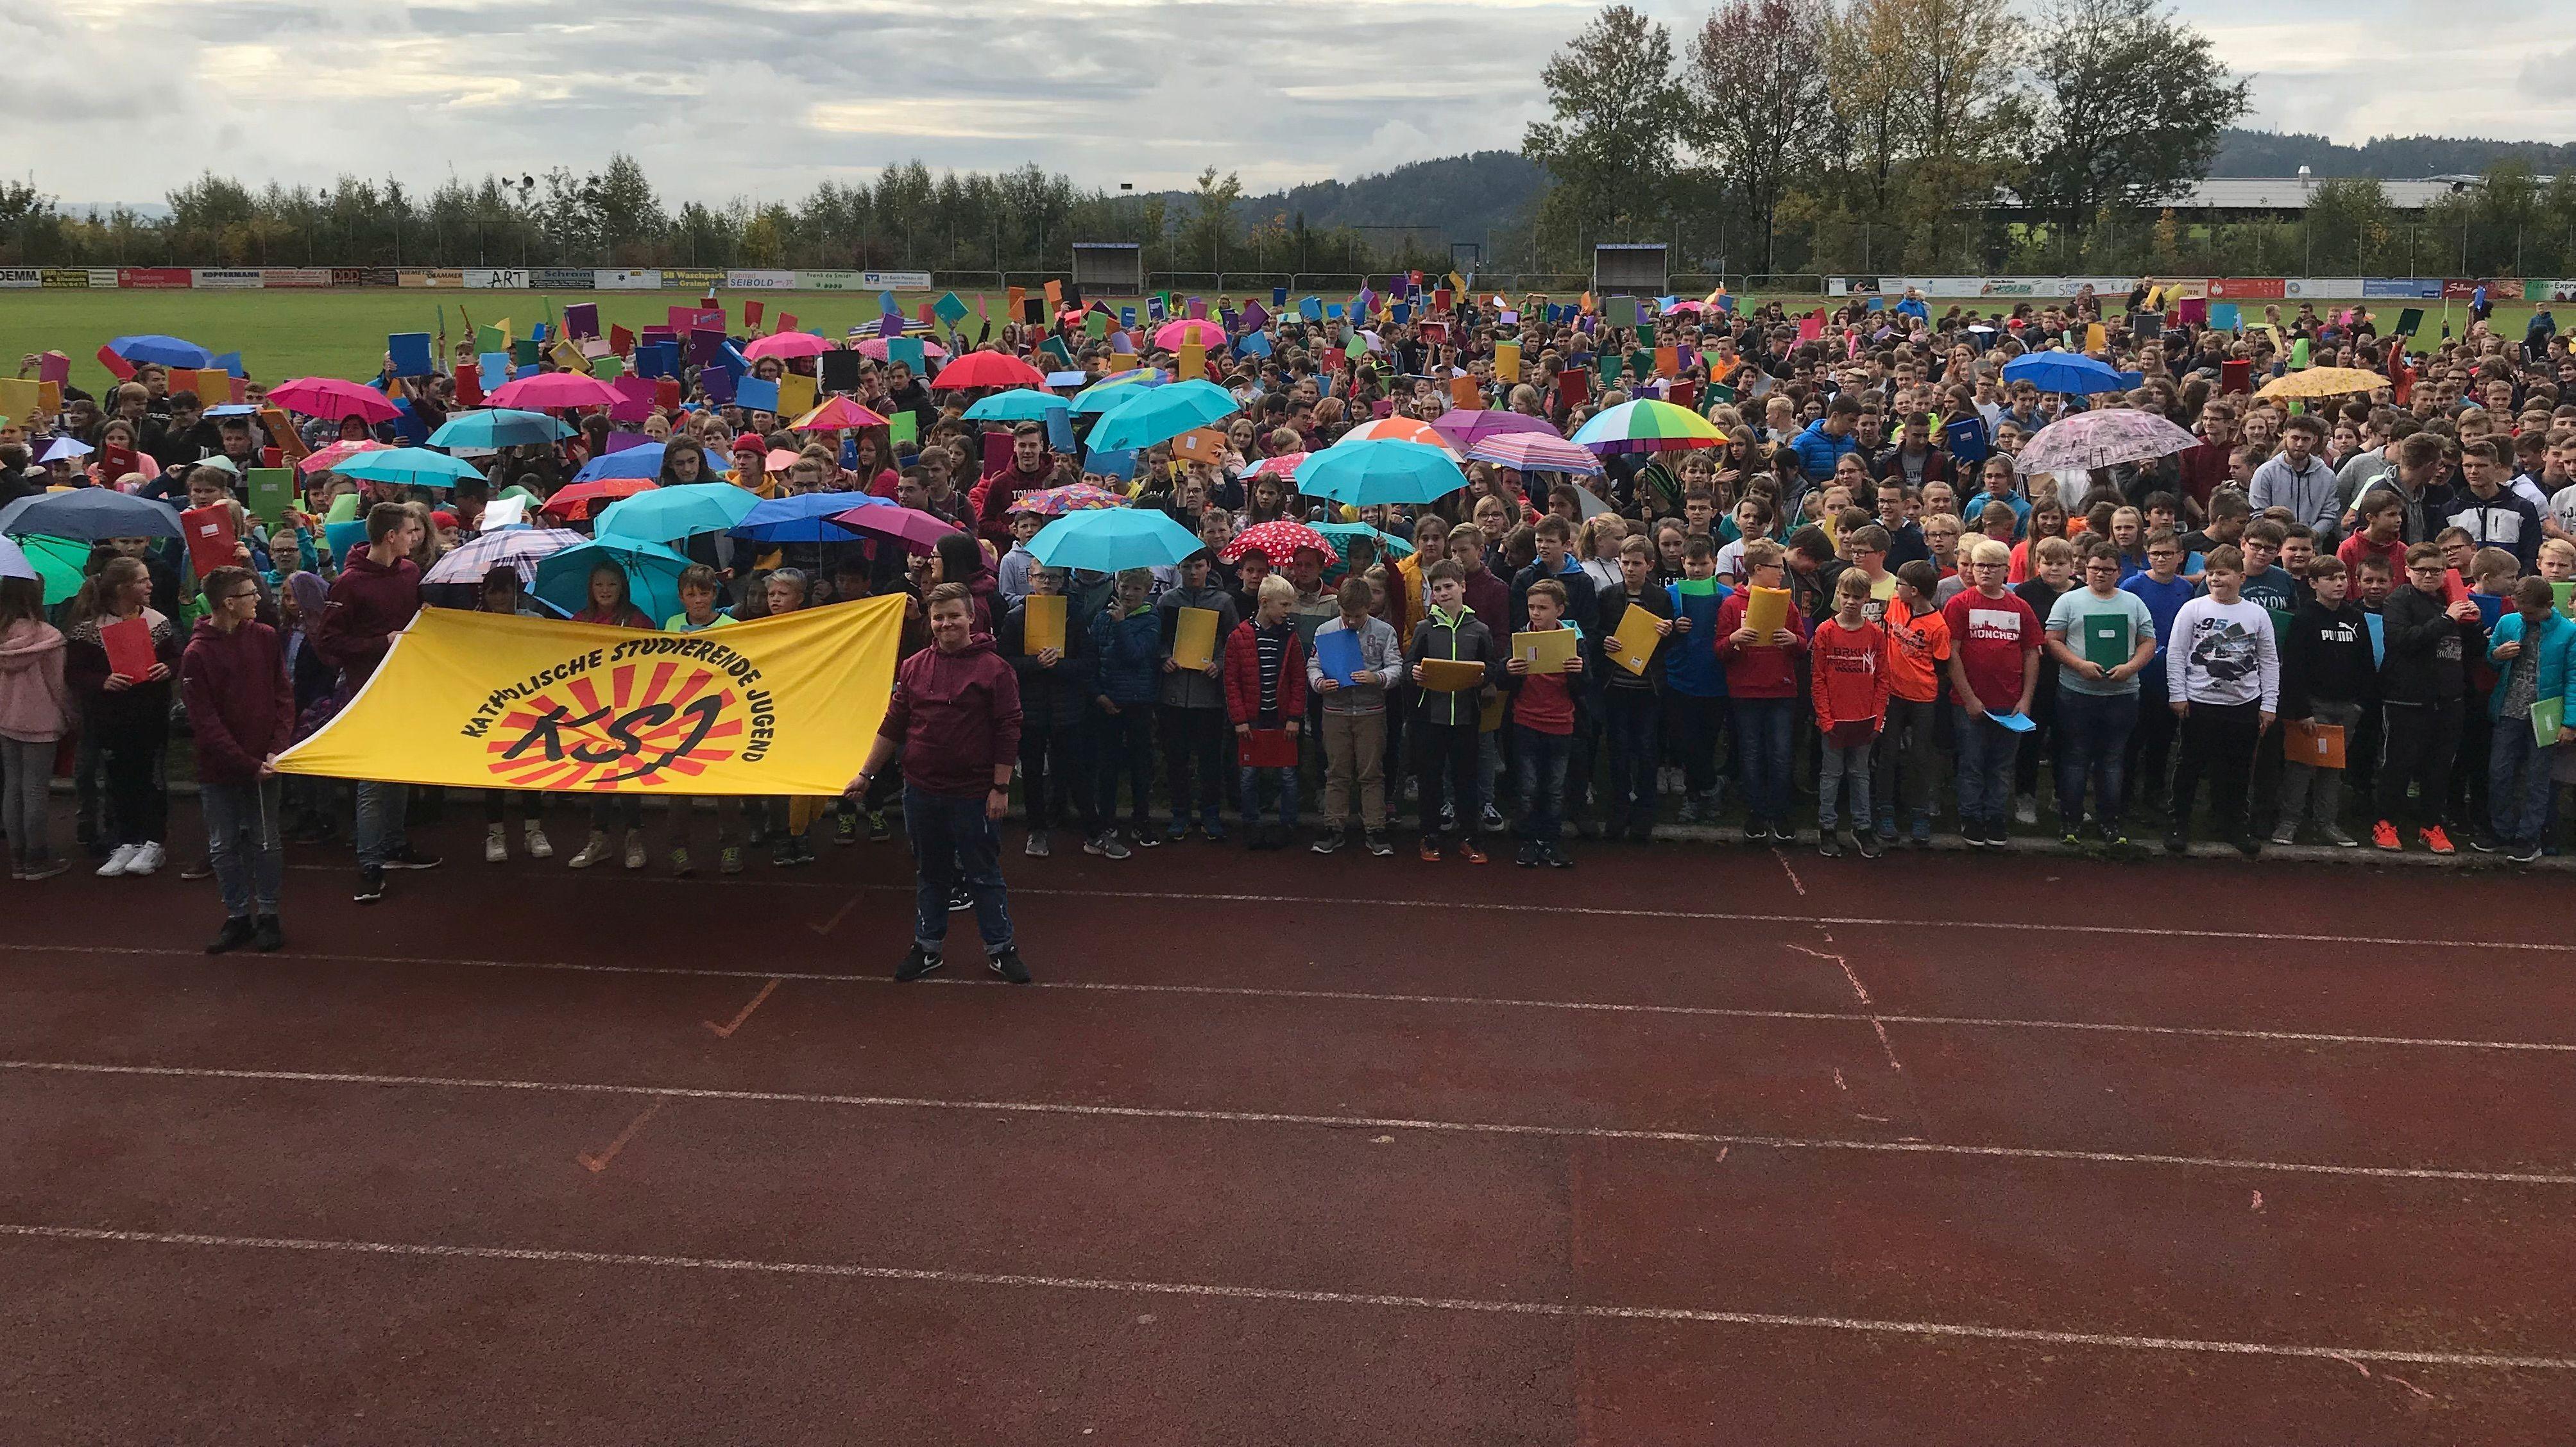 1.600 Schüler aus Freyung halten bunte Hefte und Regenschirme über ihre Köpfe, um damit ein Zeichen für Offenheit und Toleranz zu setzen